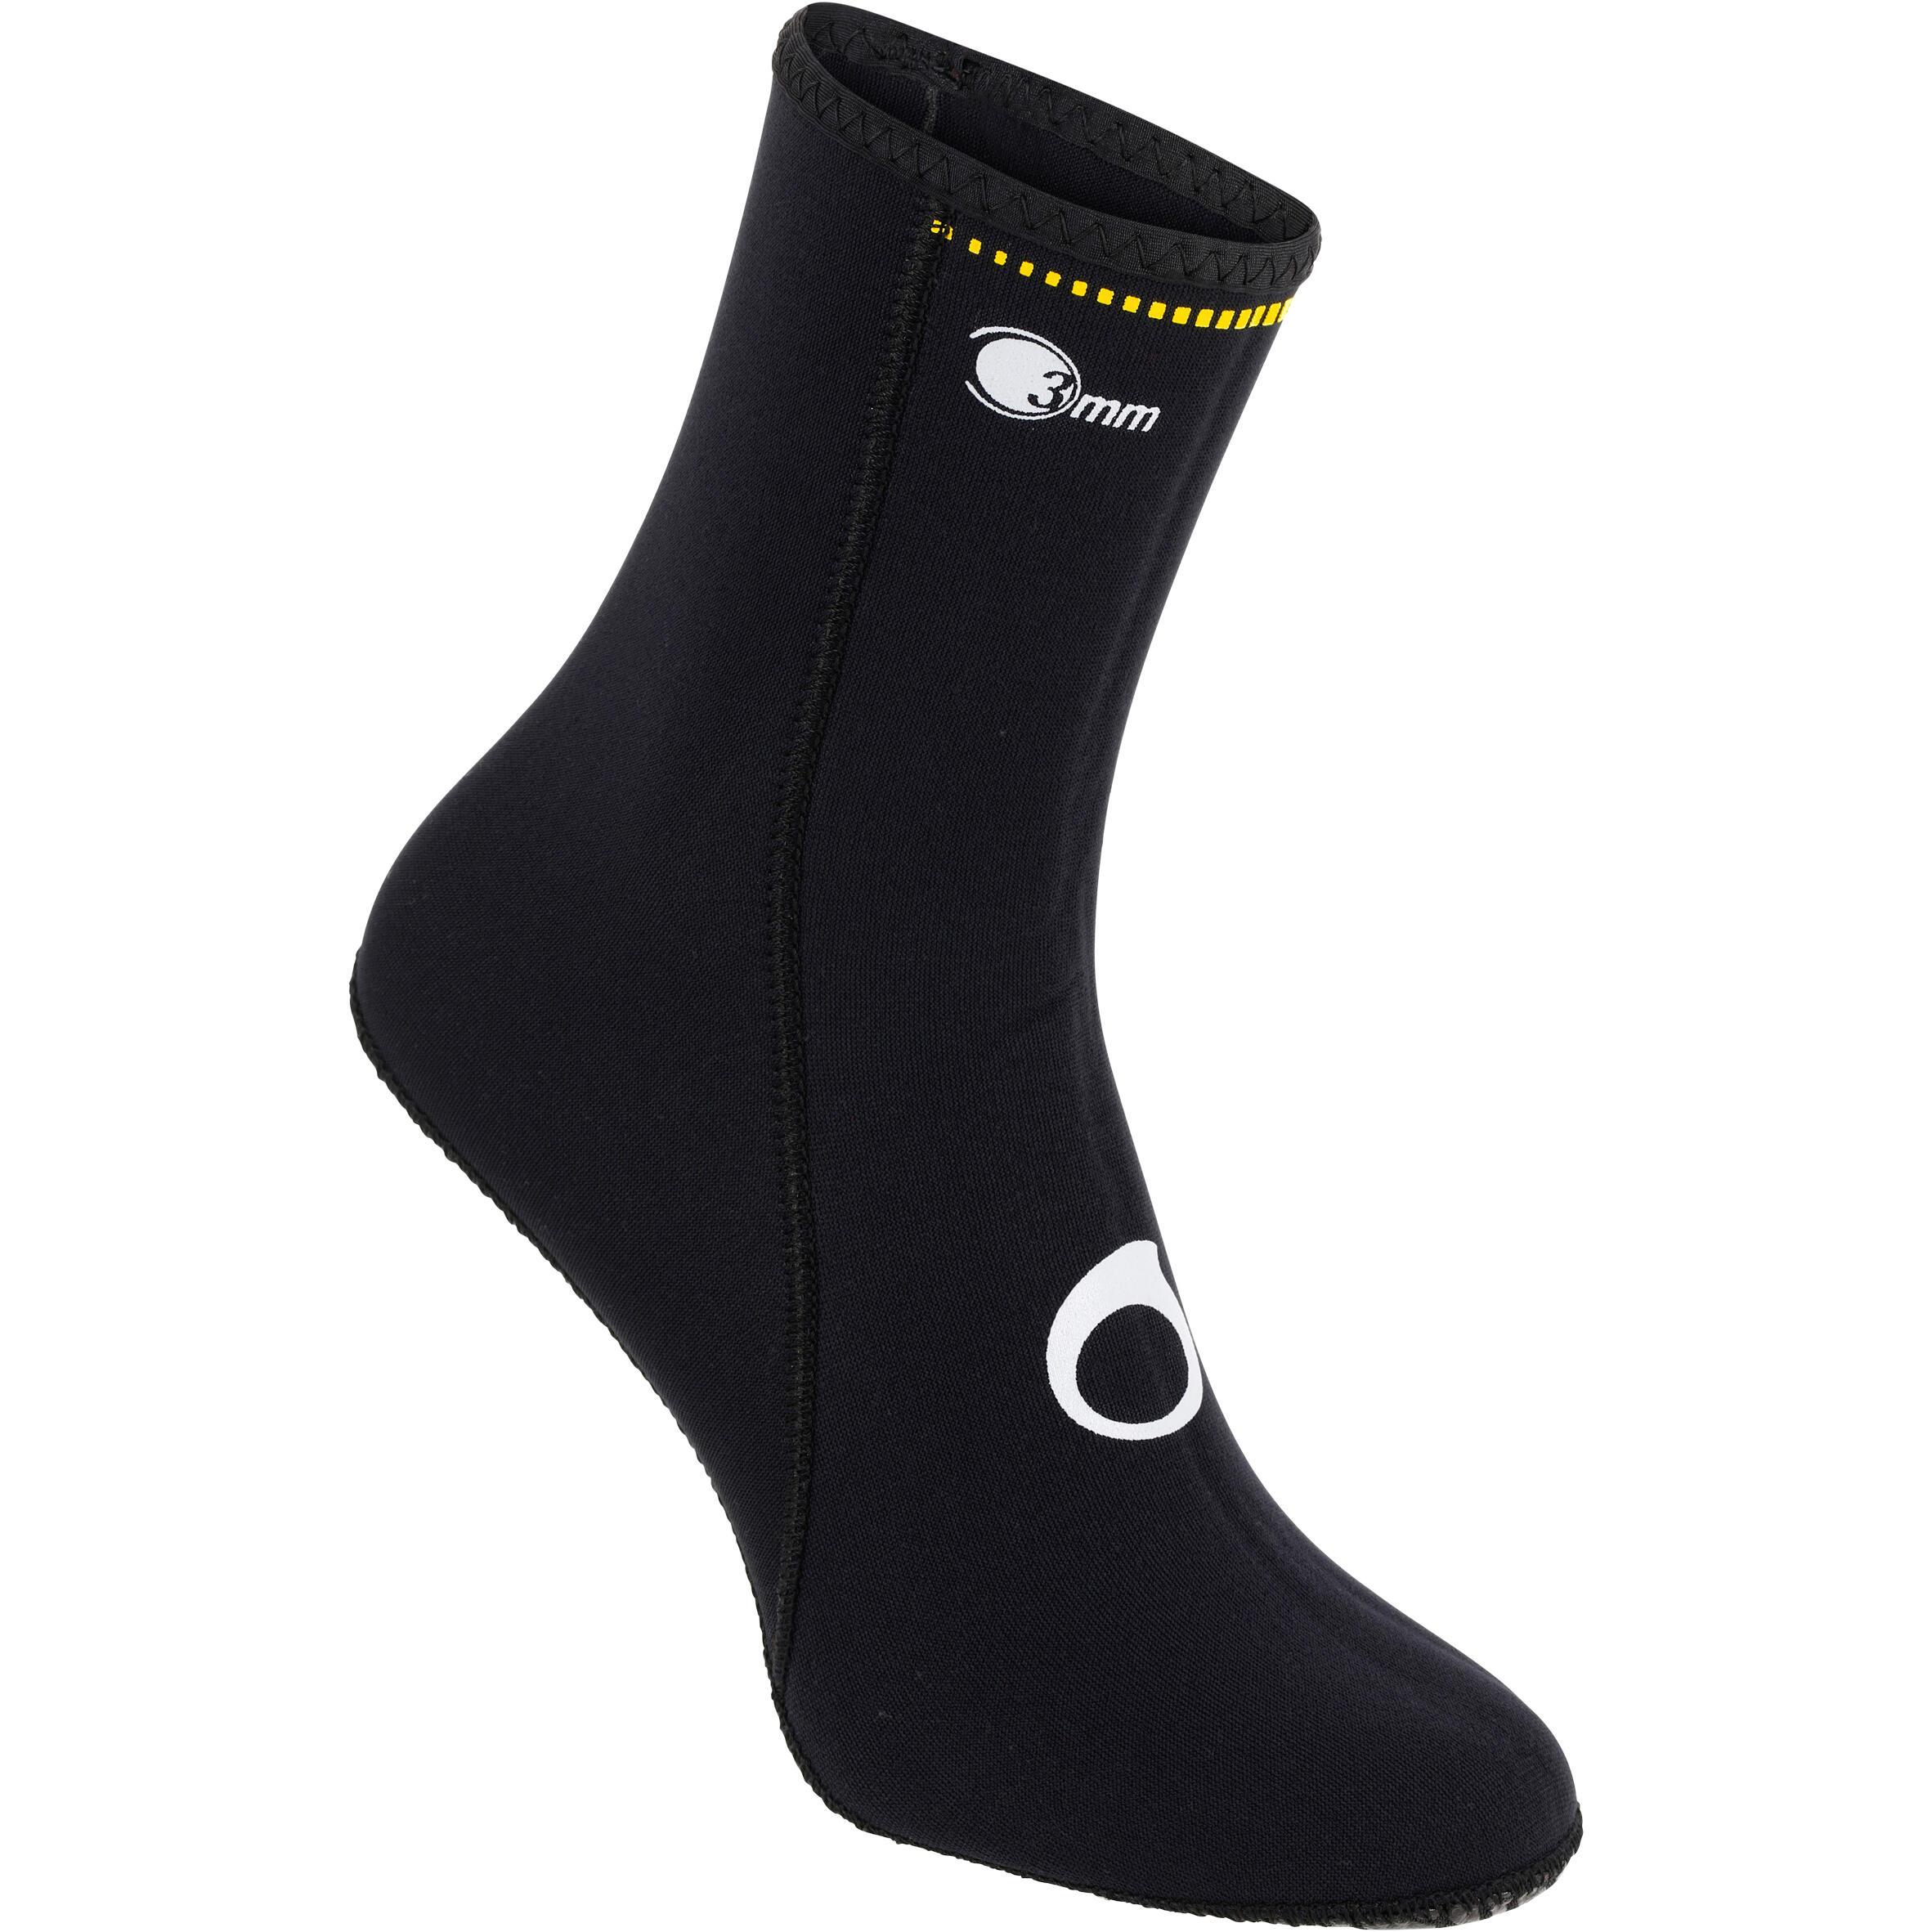 Zapato acuático sin suela de submarinismo Hanka 3 mm.